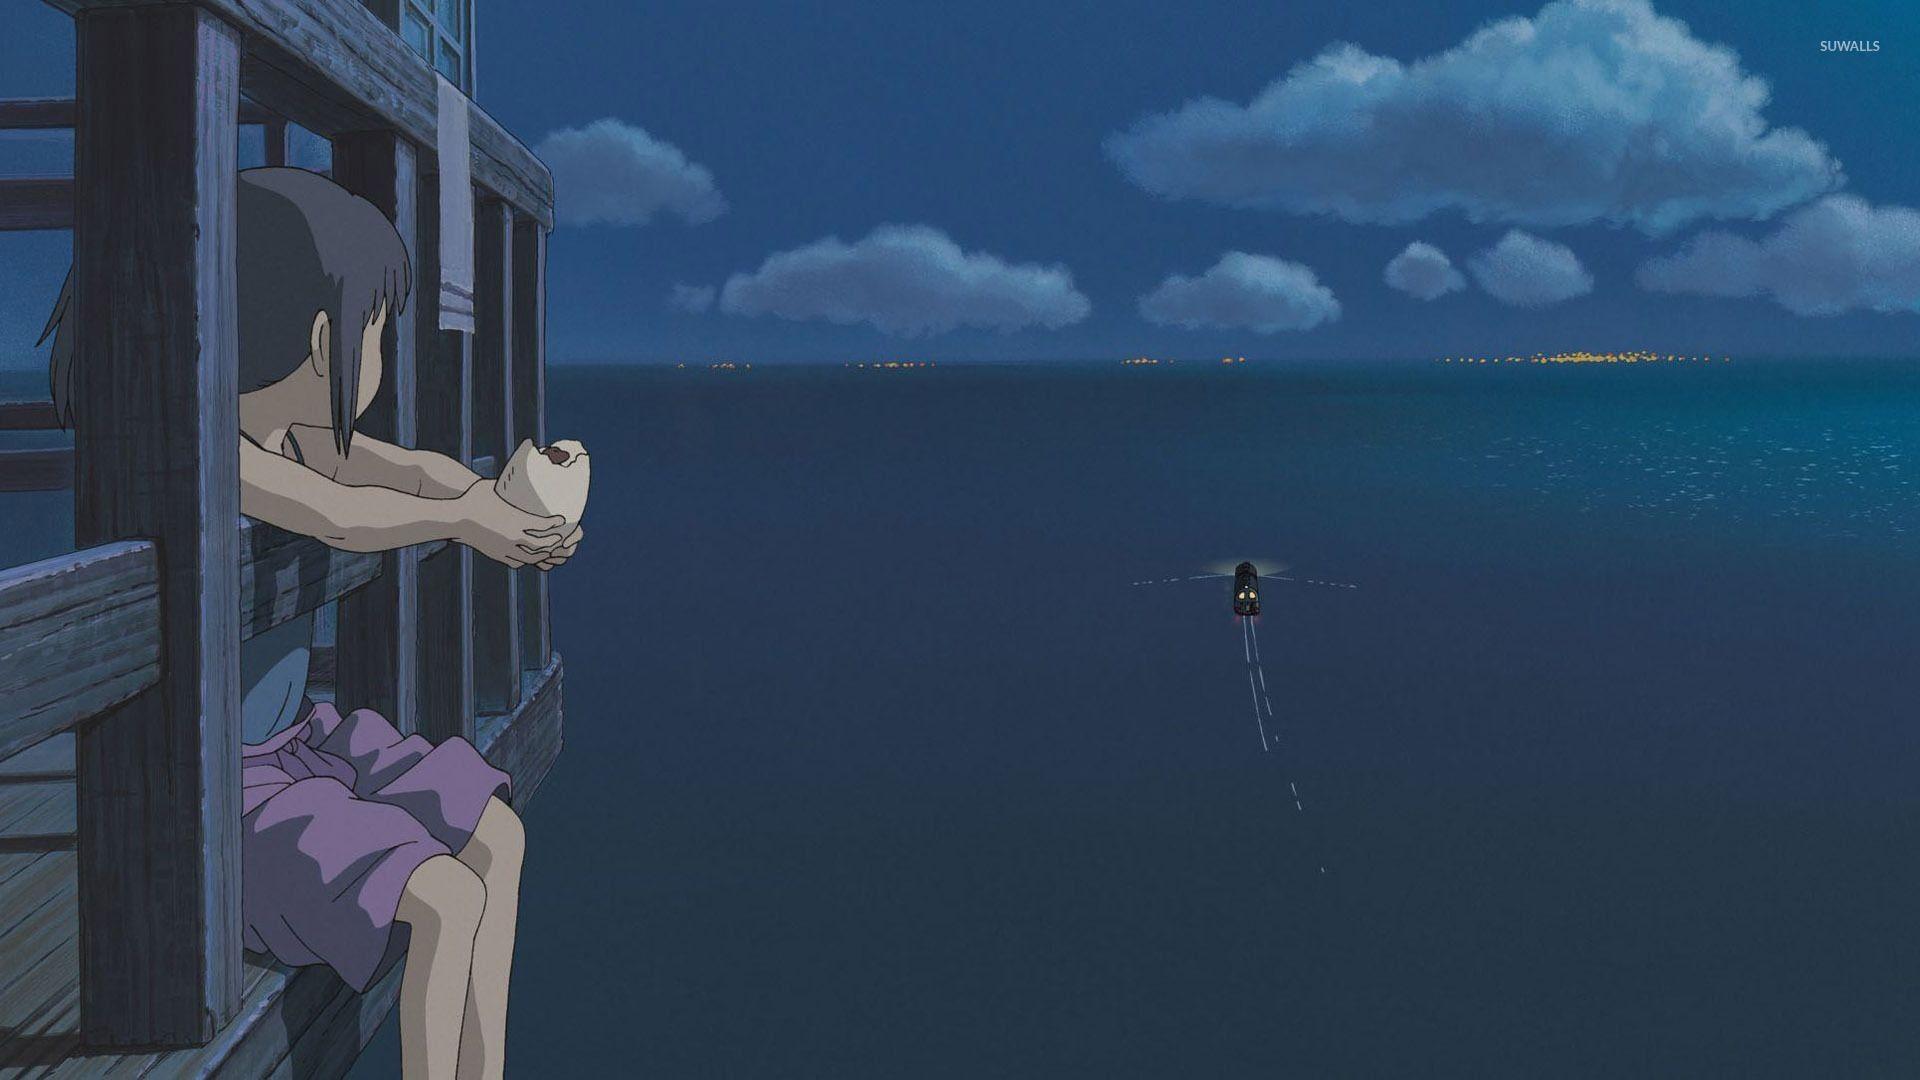 Unique Studio Ghibli Desktop Wallpaper Spirited Away Wallpaper Studio Ghibli Background Anime Scenery Wallpaper